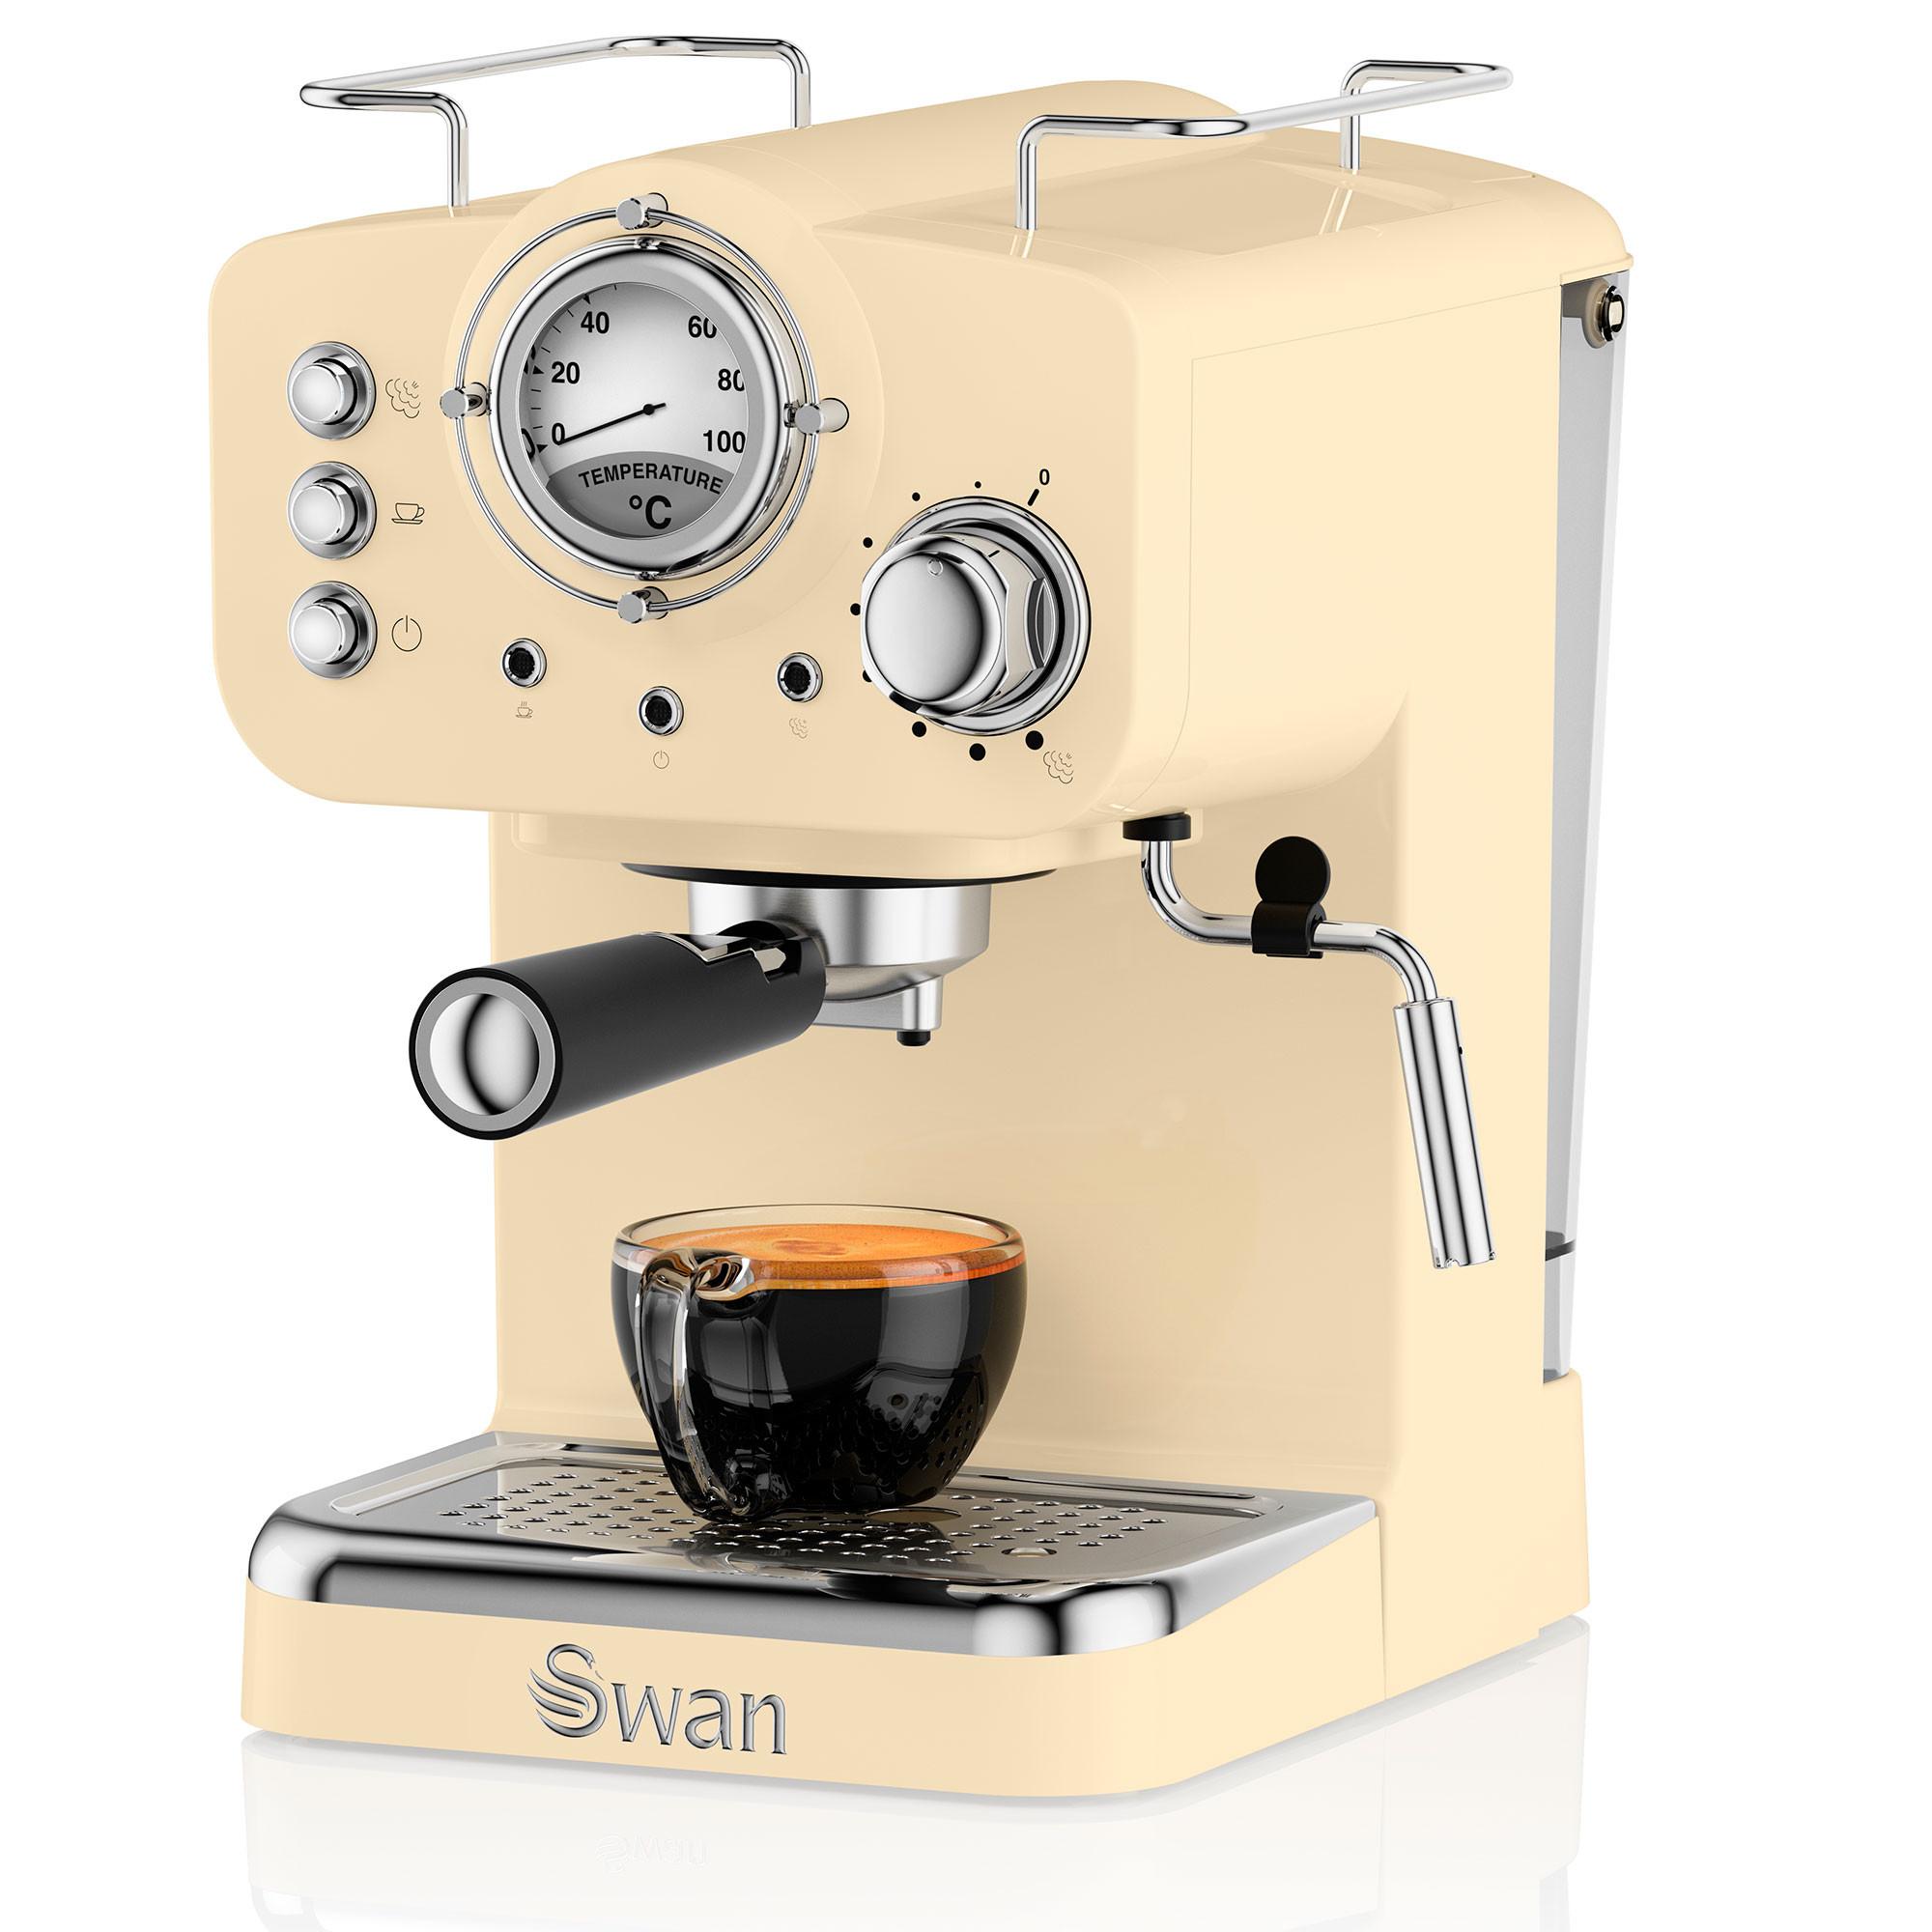 Swan SK22110CN Retro Cafetera Express para Espresso y Cappucino, 15 bares presión, Vaporizador, capacidad 1,20 litros, 1 o 2 tazas café molido , diseño vintage Crema, 1100W